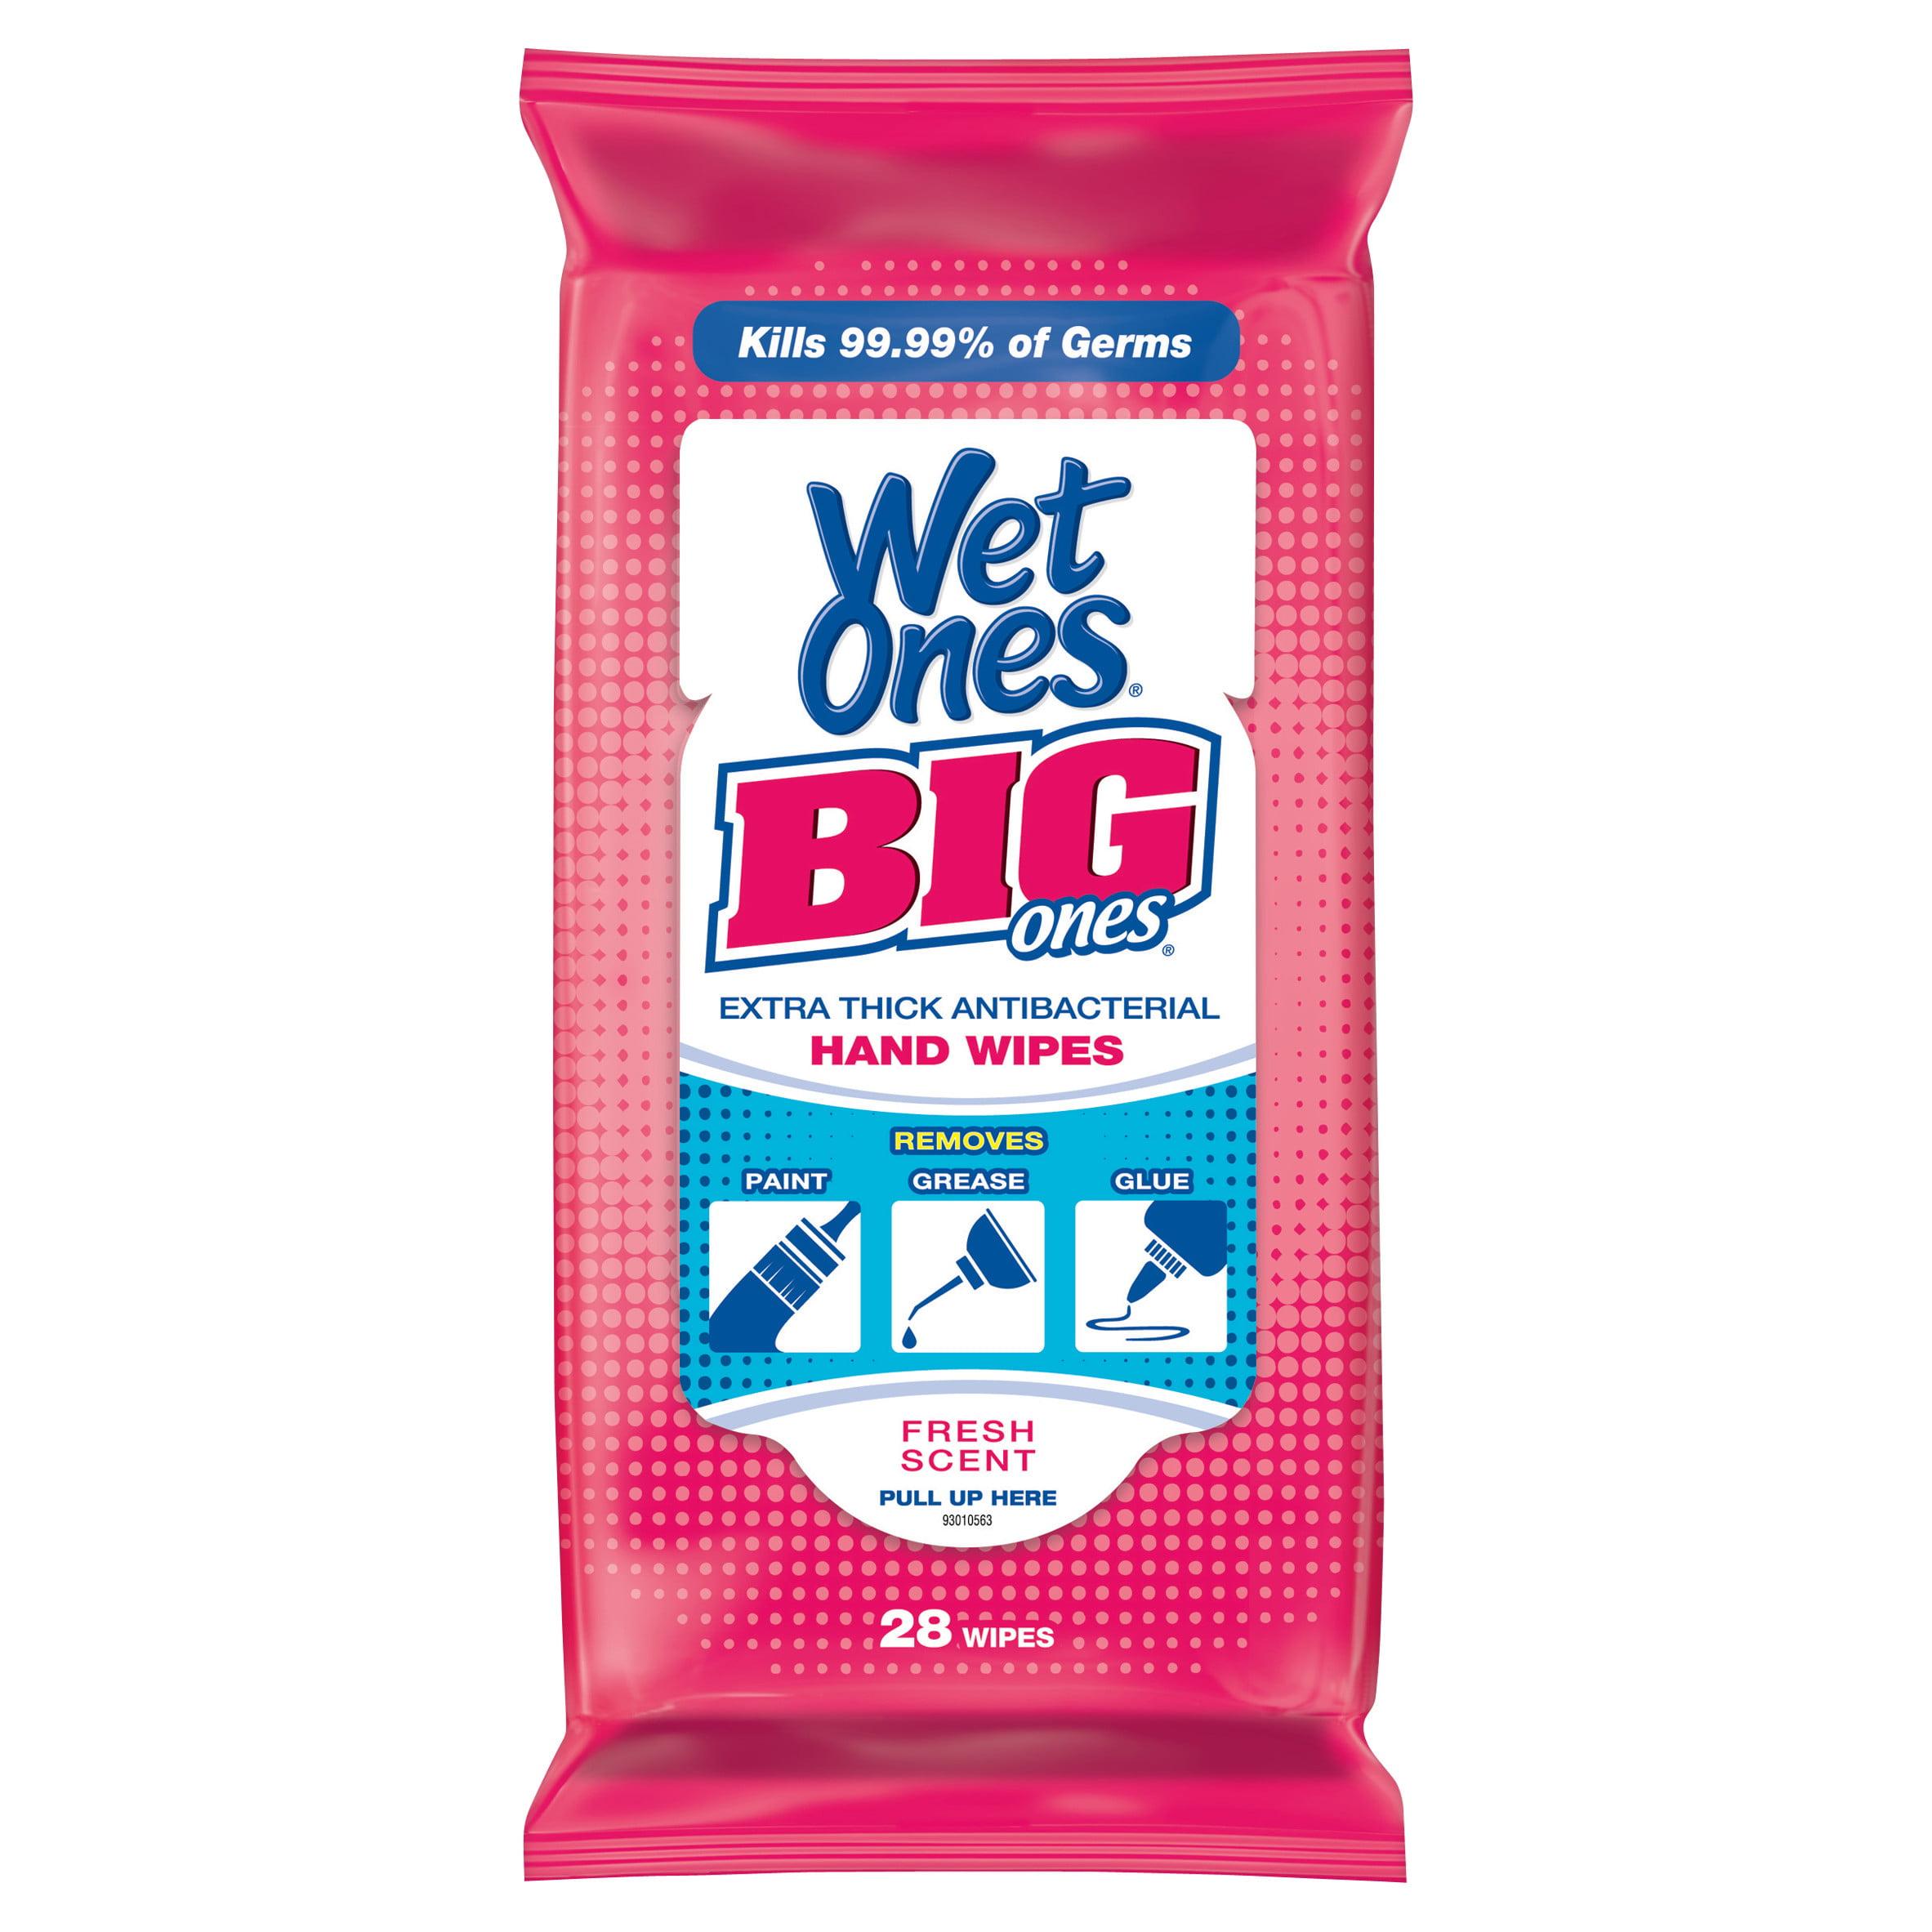 Wet Ones Big Ones Antibacterial Hand Wipes Travel Pack - 24 Count